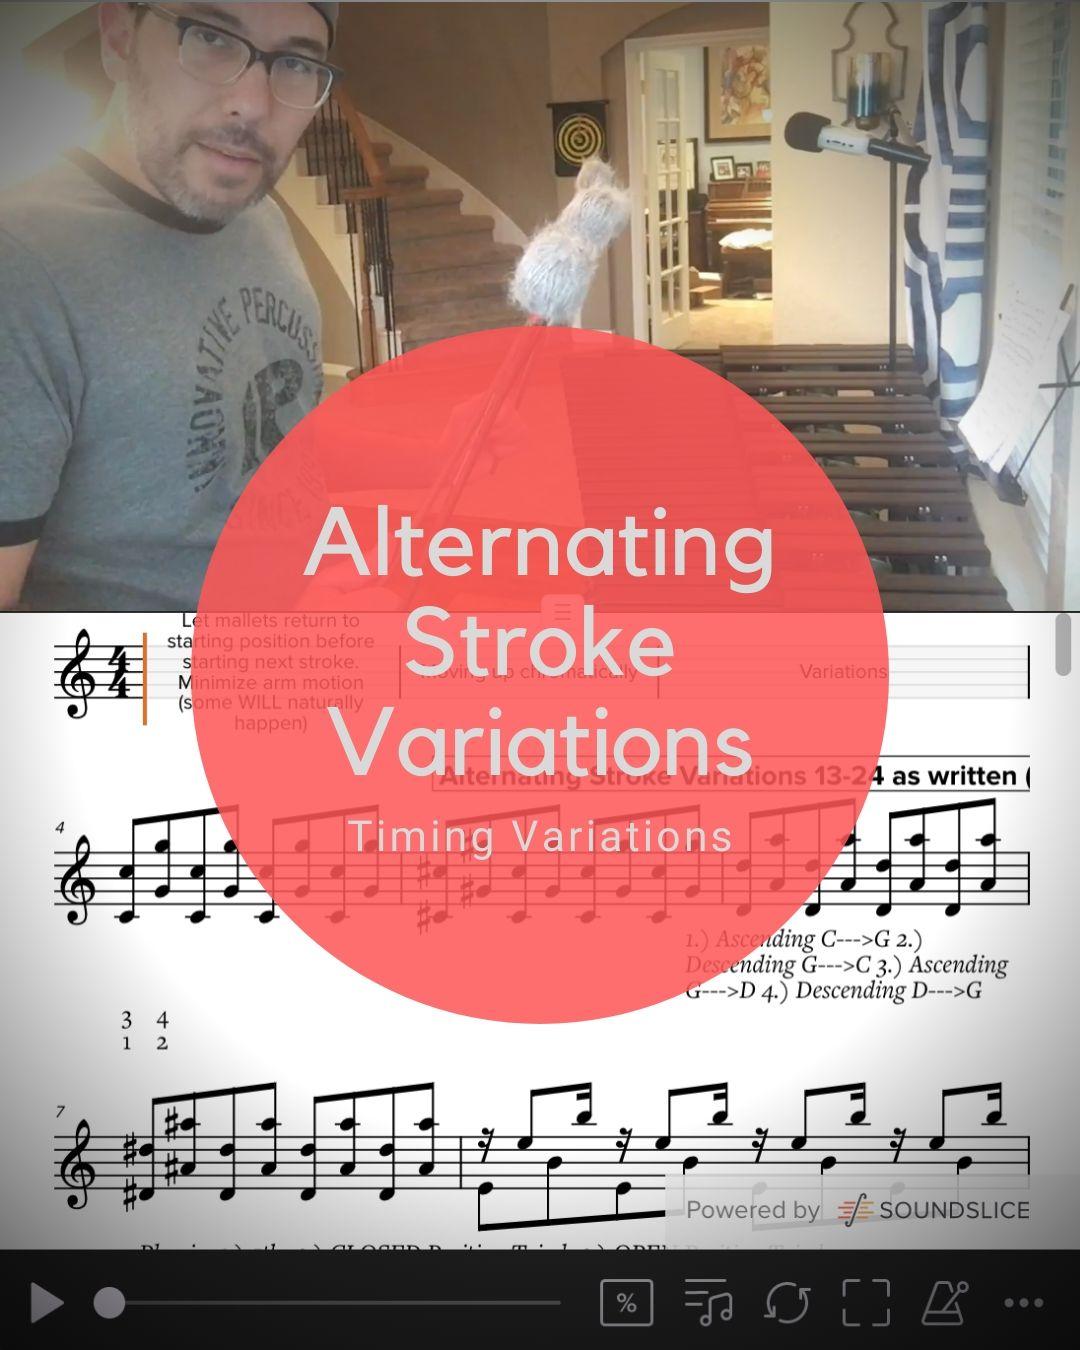 Alternating Stroke Variations